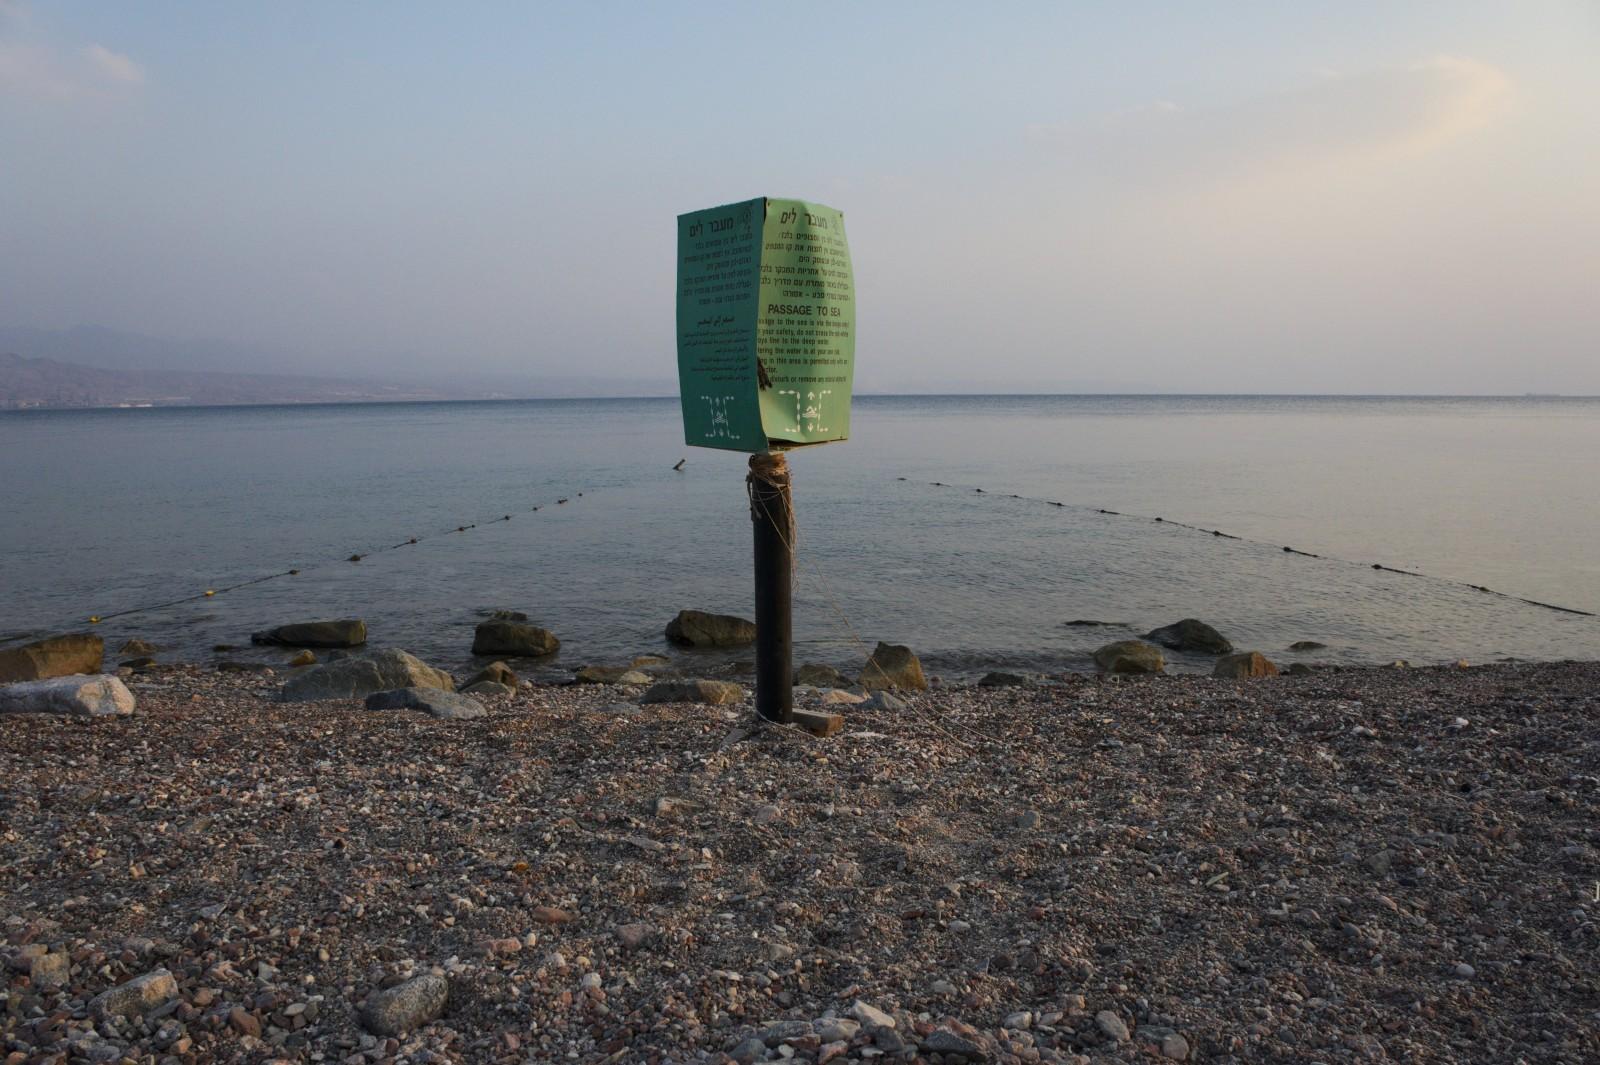 Vstup do moře byl možný jen skrze mola nebo přes úzké uličky, všude jinde byly korály